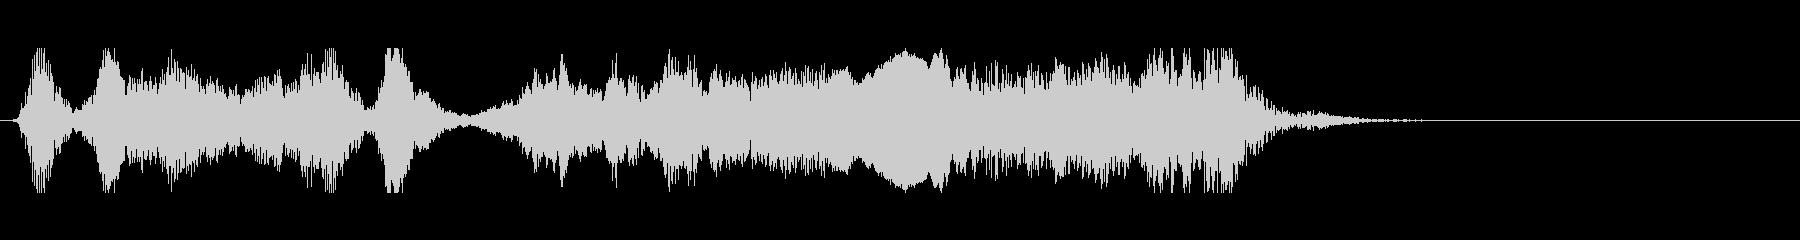 ロックなアイキャッチの未再生の波形